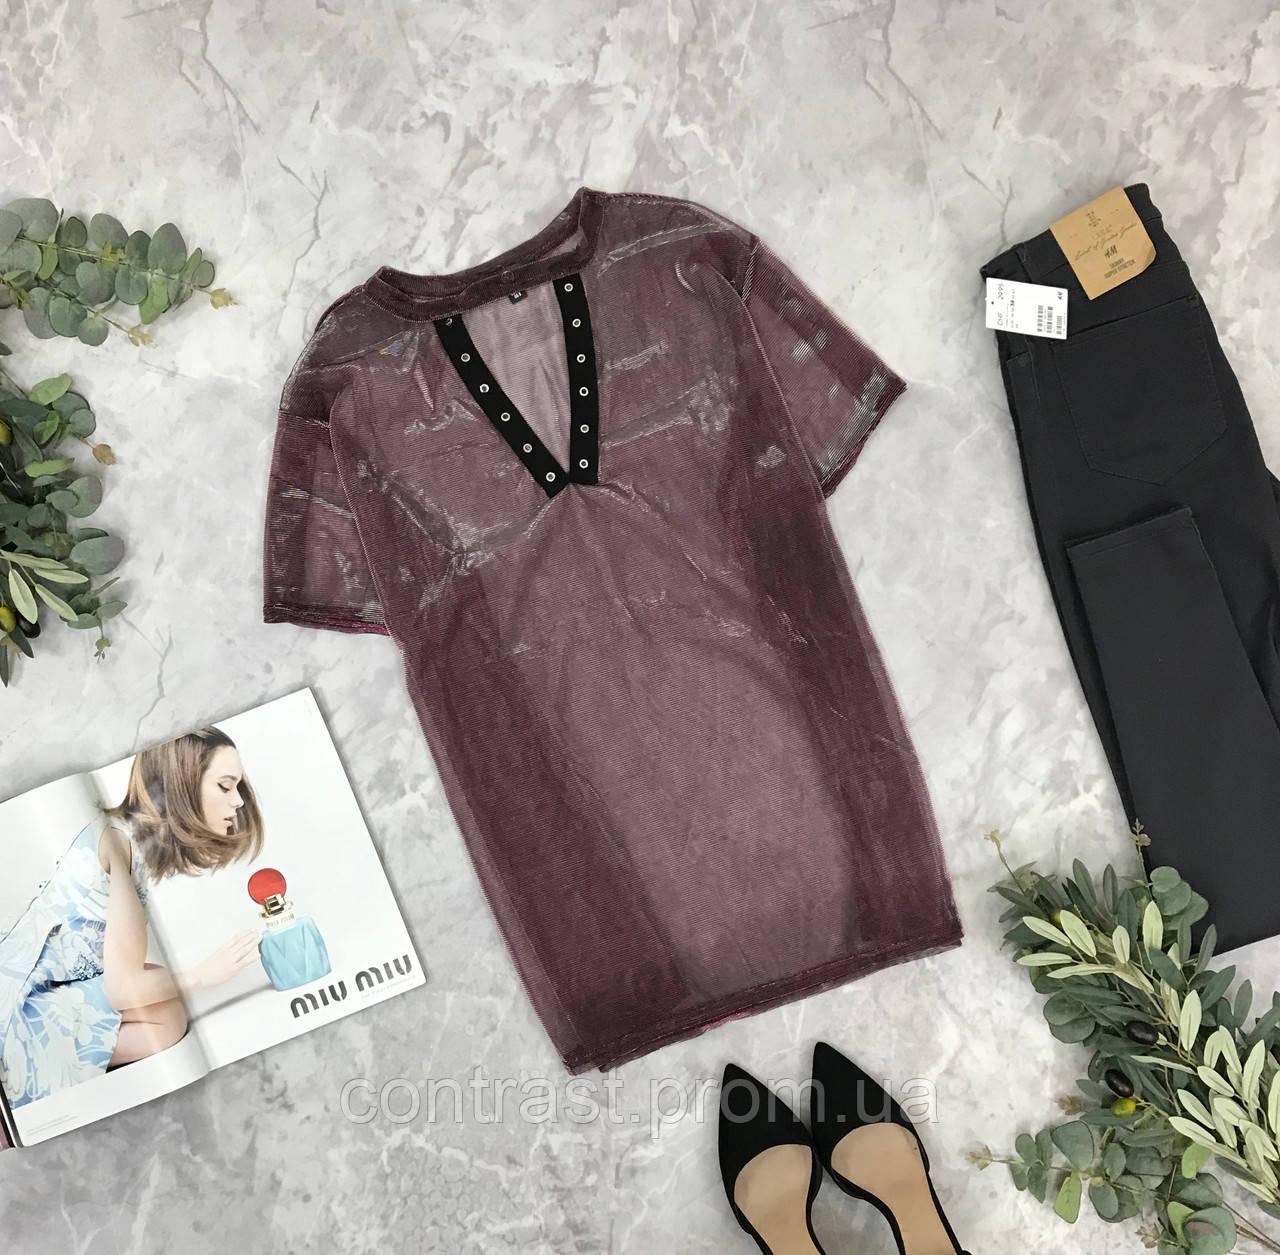 Стильная блуза с отблеском  BL1849201